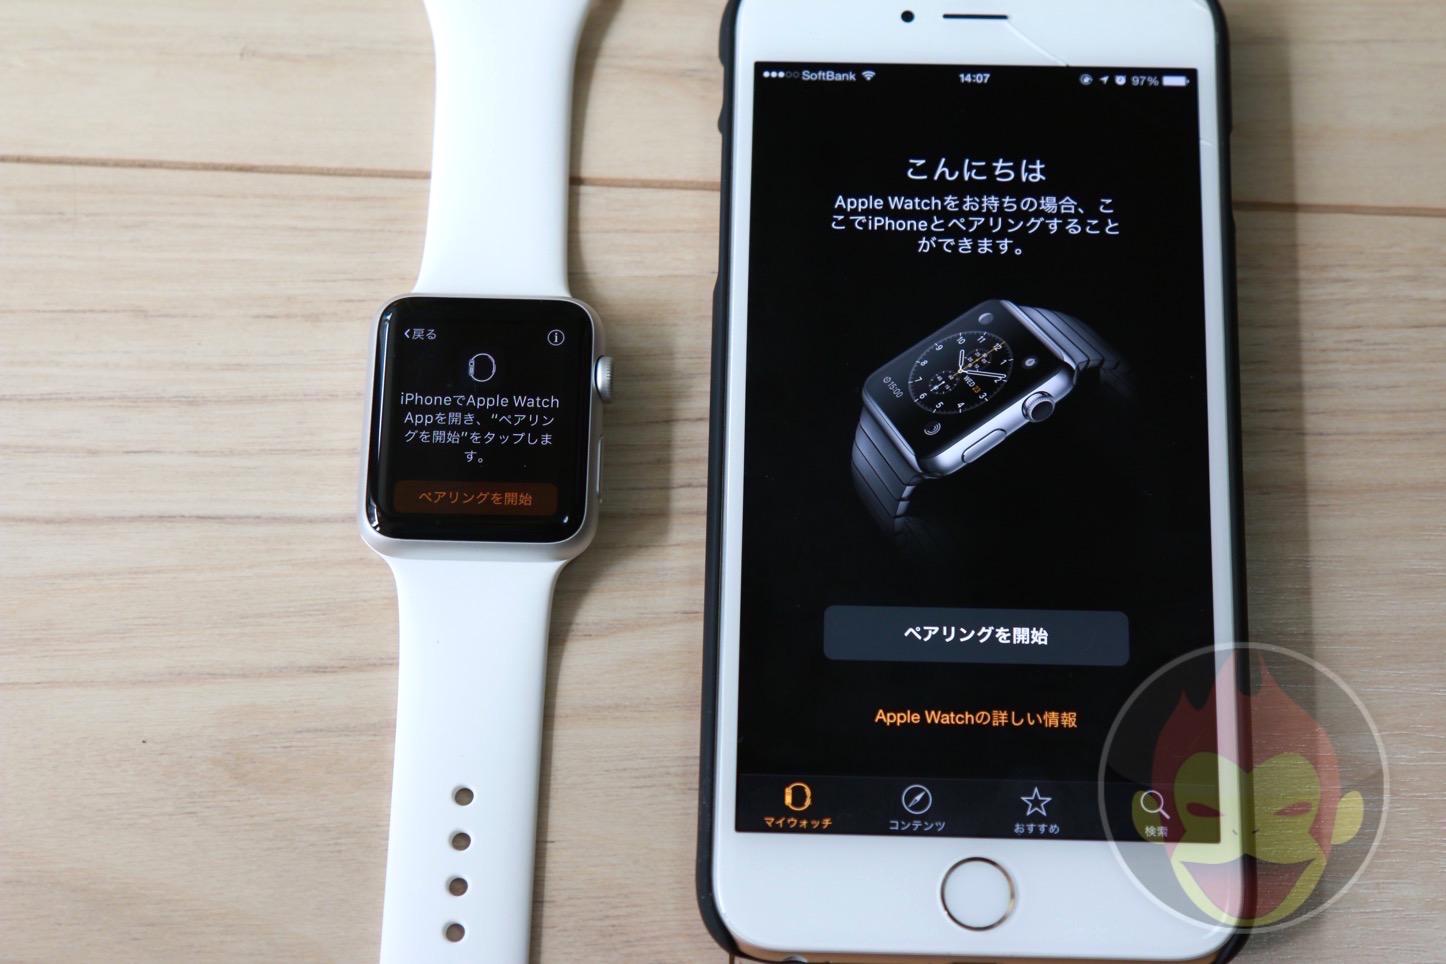 Apple-Watch-Sport-Settings-10.JPG